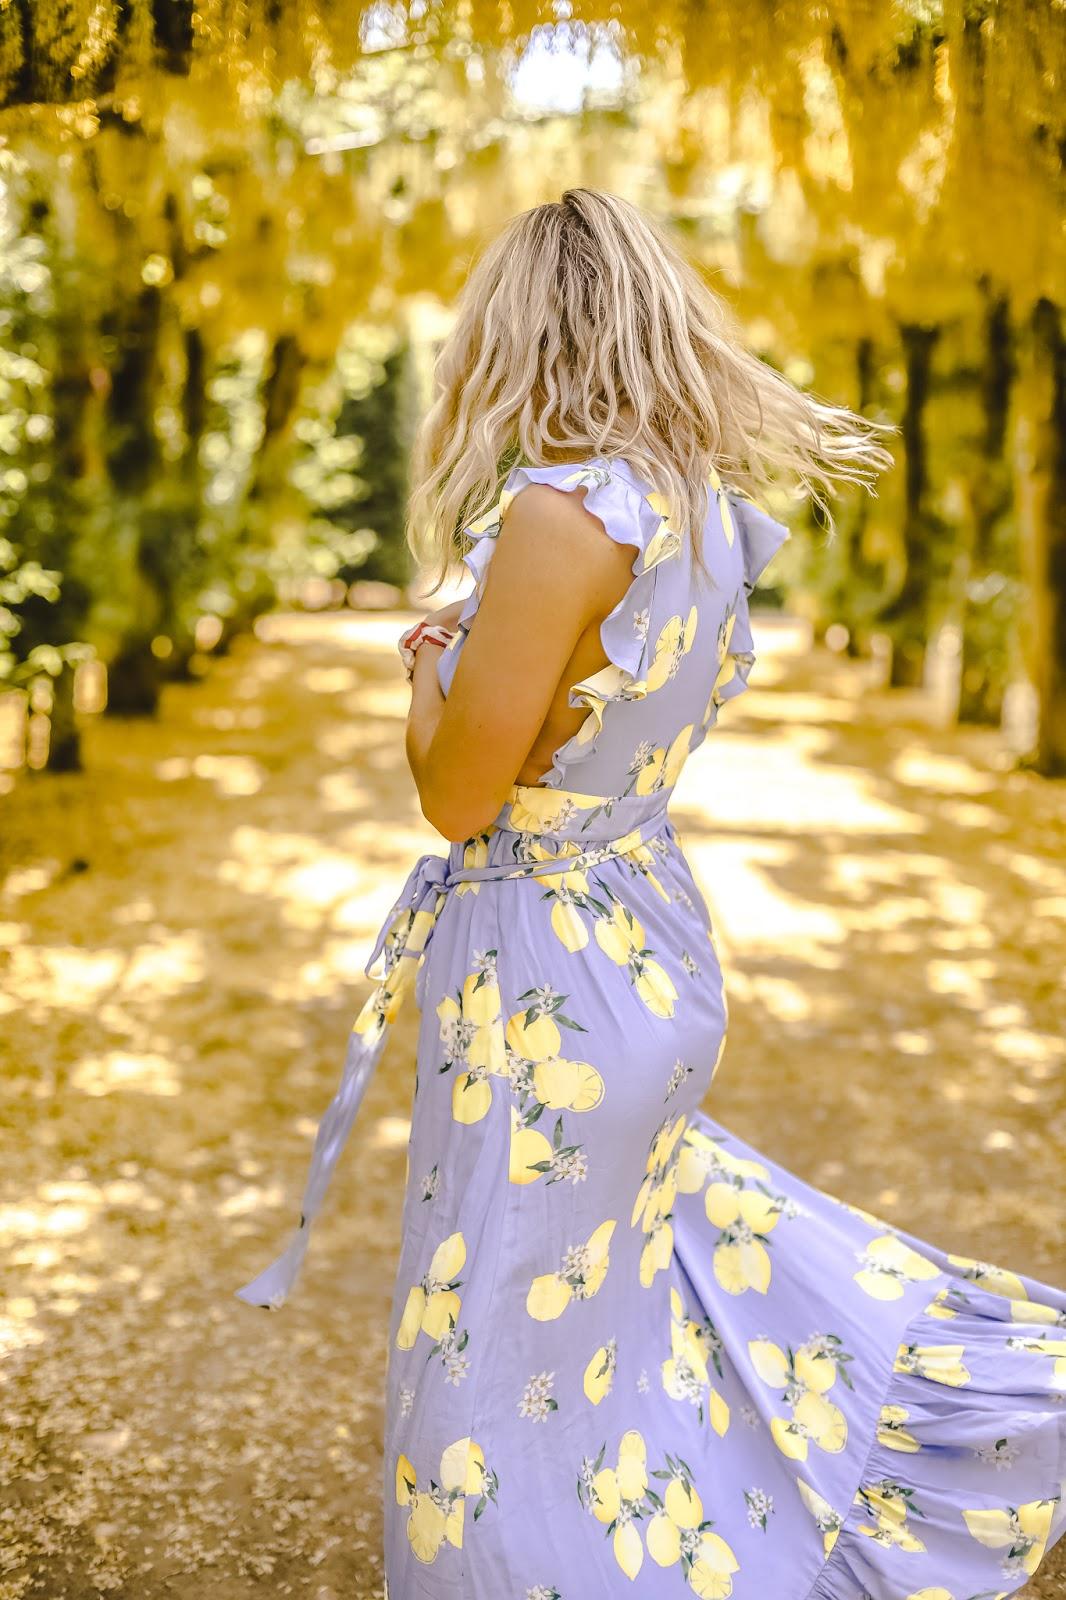 sweetpea dress majorelle